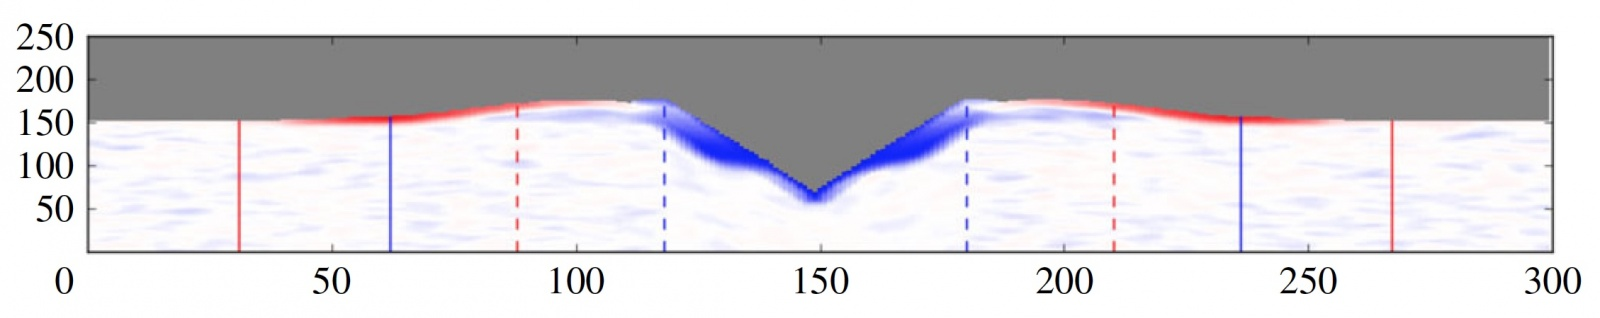 Фероподы не помогут: исследование и математическое моделирование ям-ловушек личинок муравьиных львов - 7